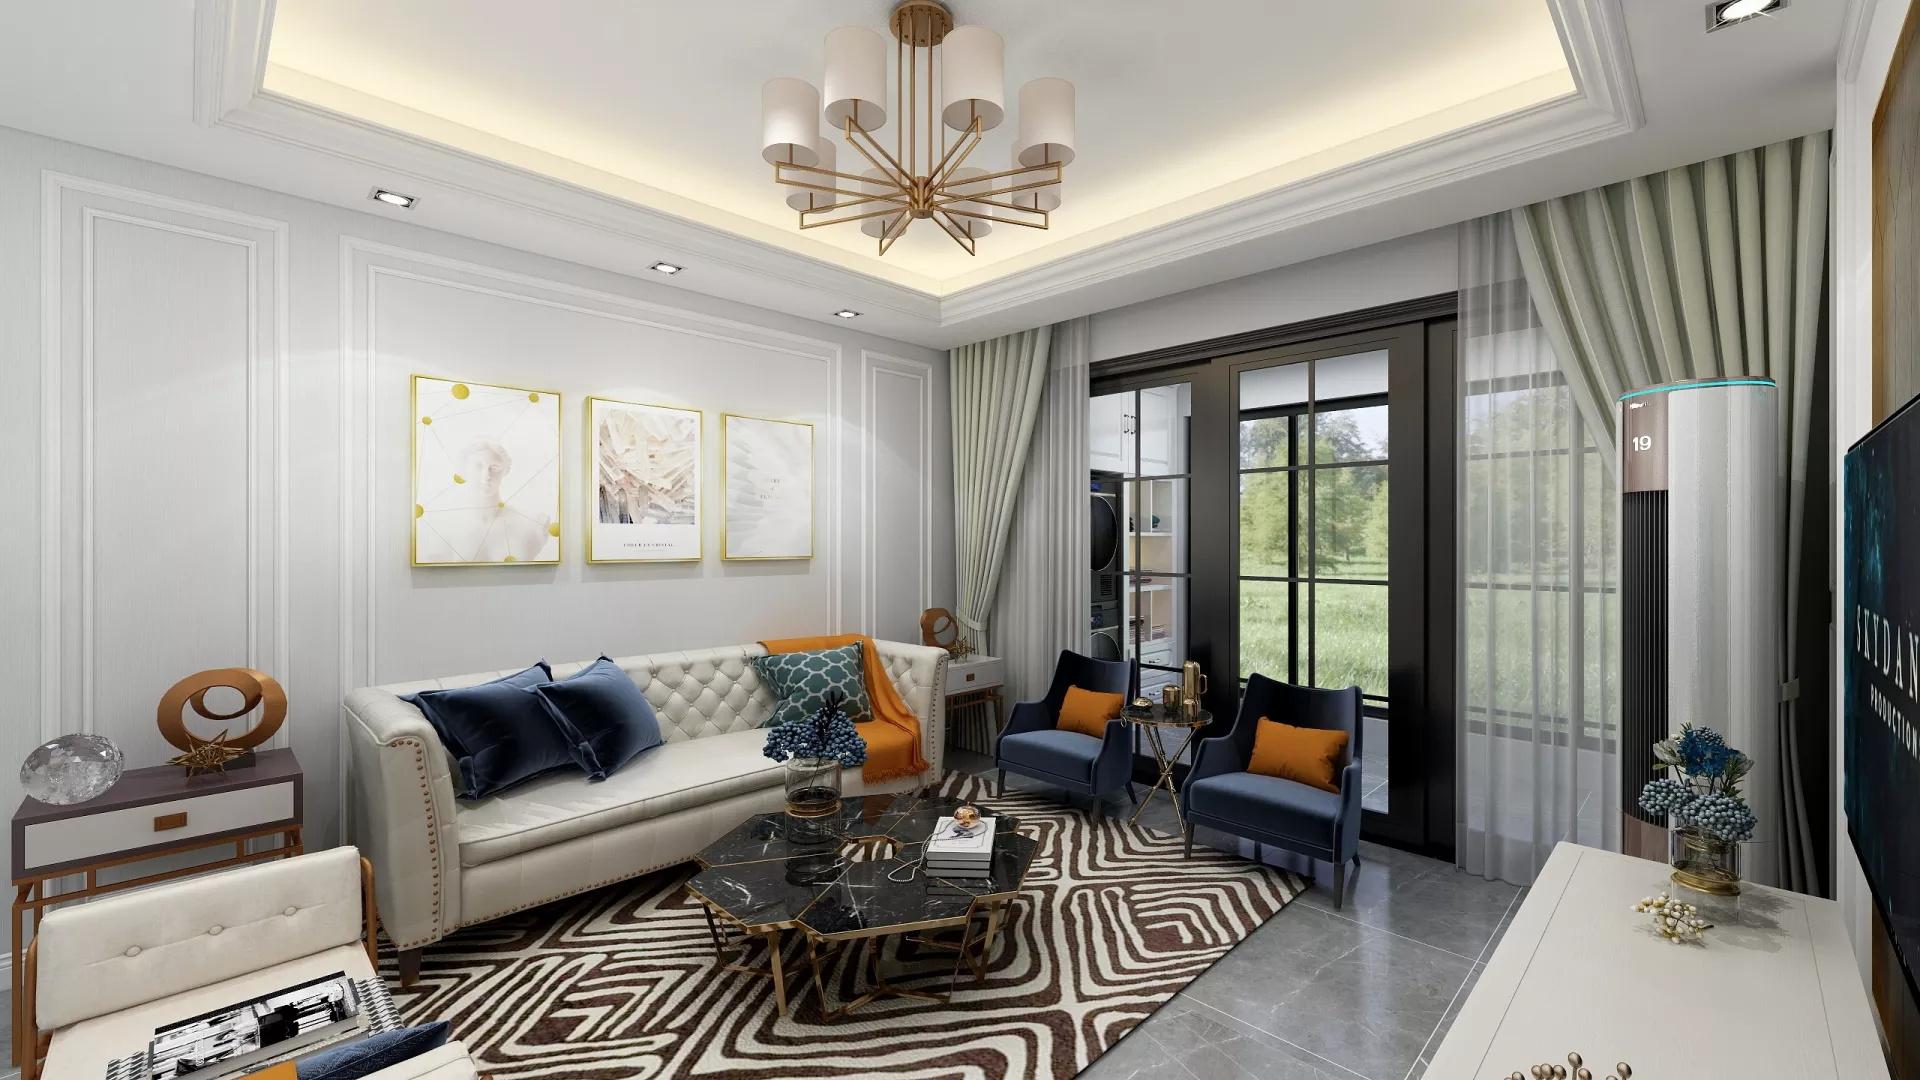 室內家裝陶瓷纖維布有什么特點?陶瓷纖維布家居裝修好么?